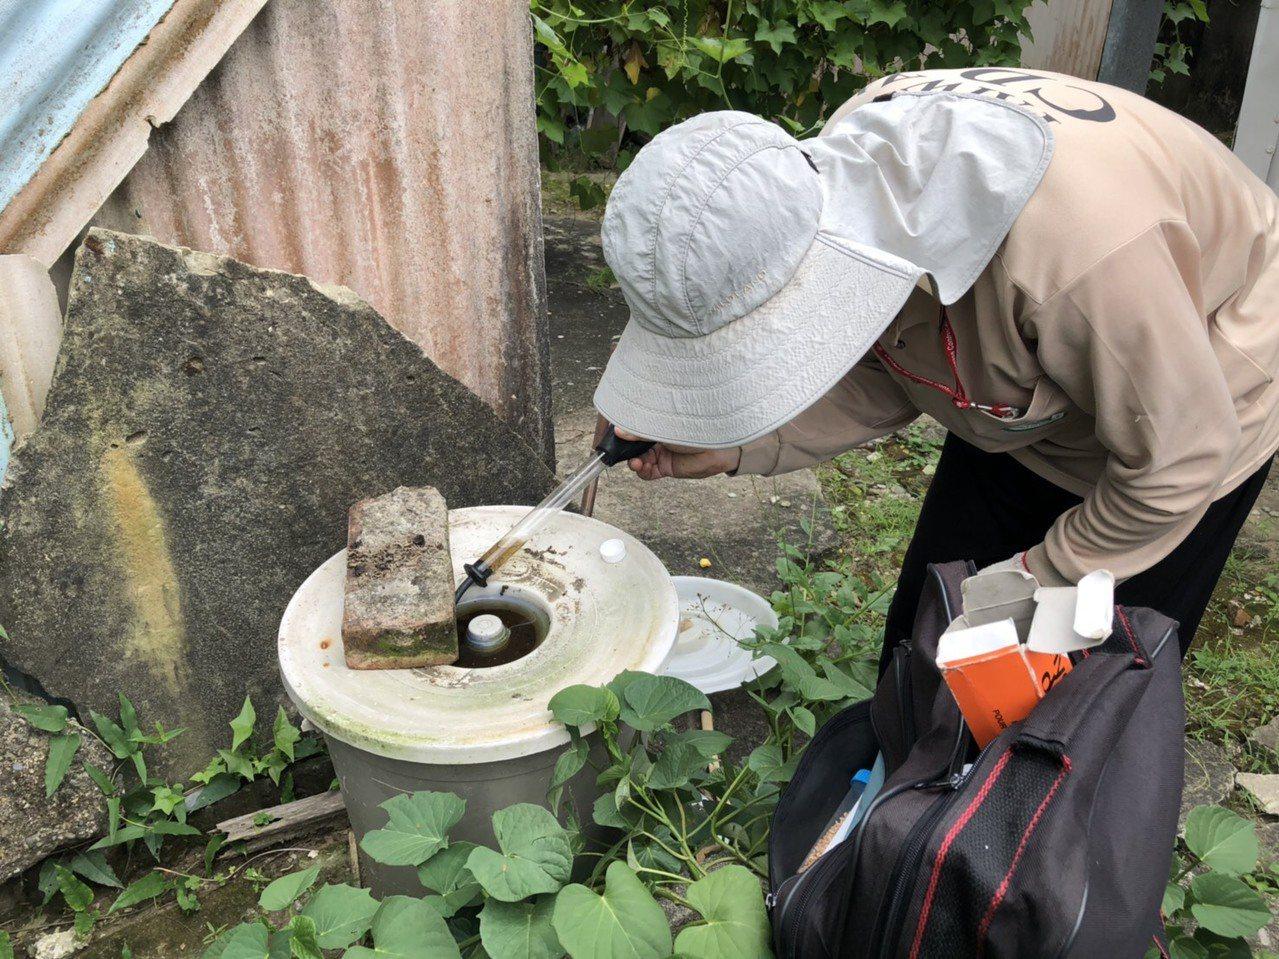 台南市登革熱防治中心人員在各處檢查積水容器,發現大量病媒蚊產卵。圖/衛生局提供